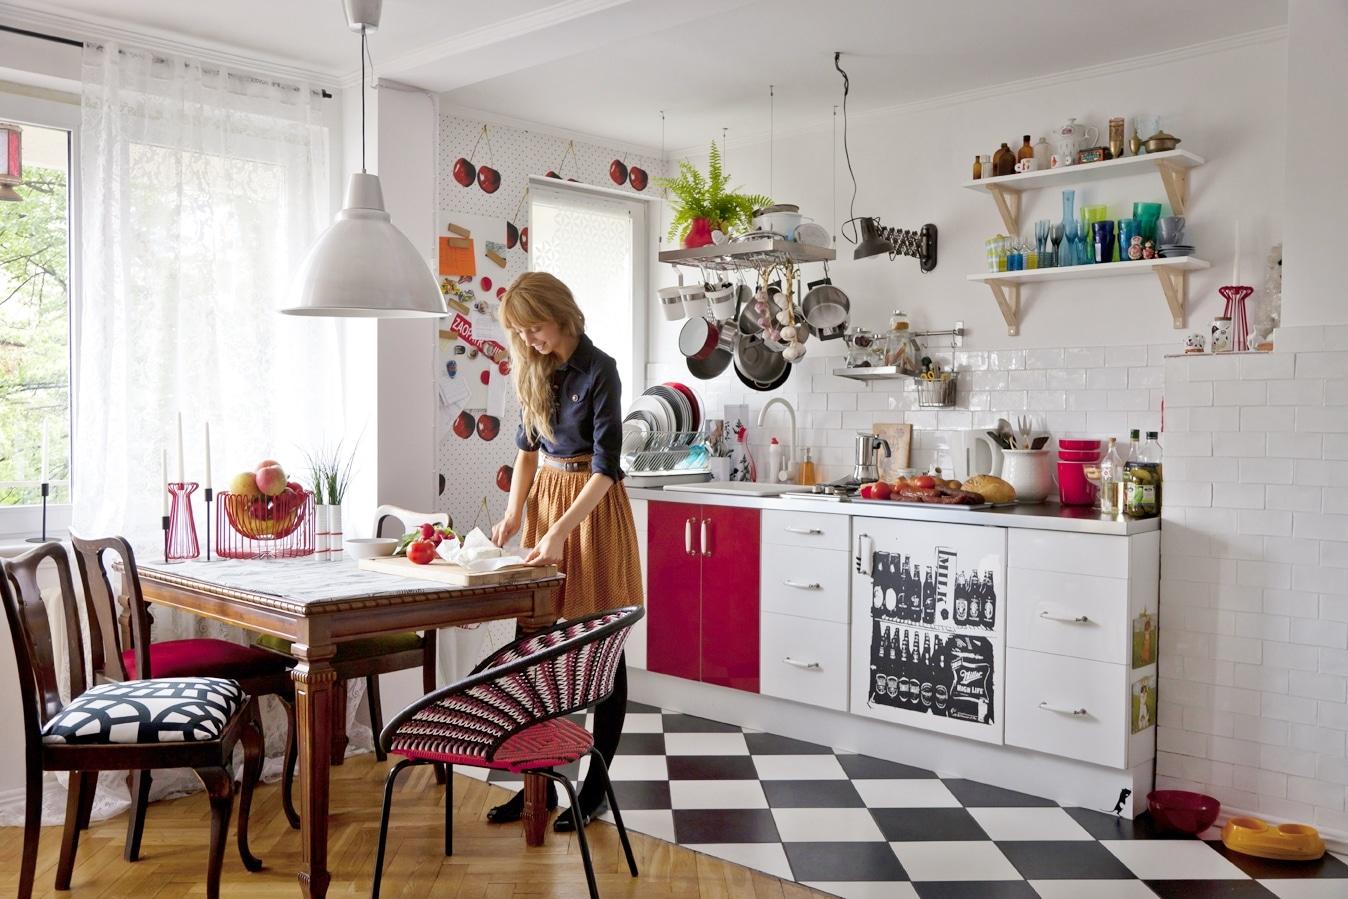 6 trükk, ami jól jöhet a háztartásban